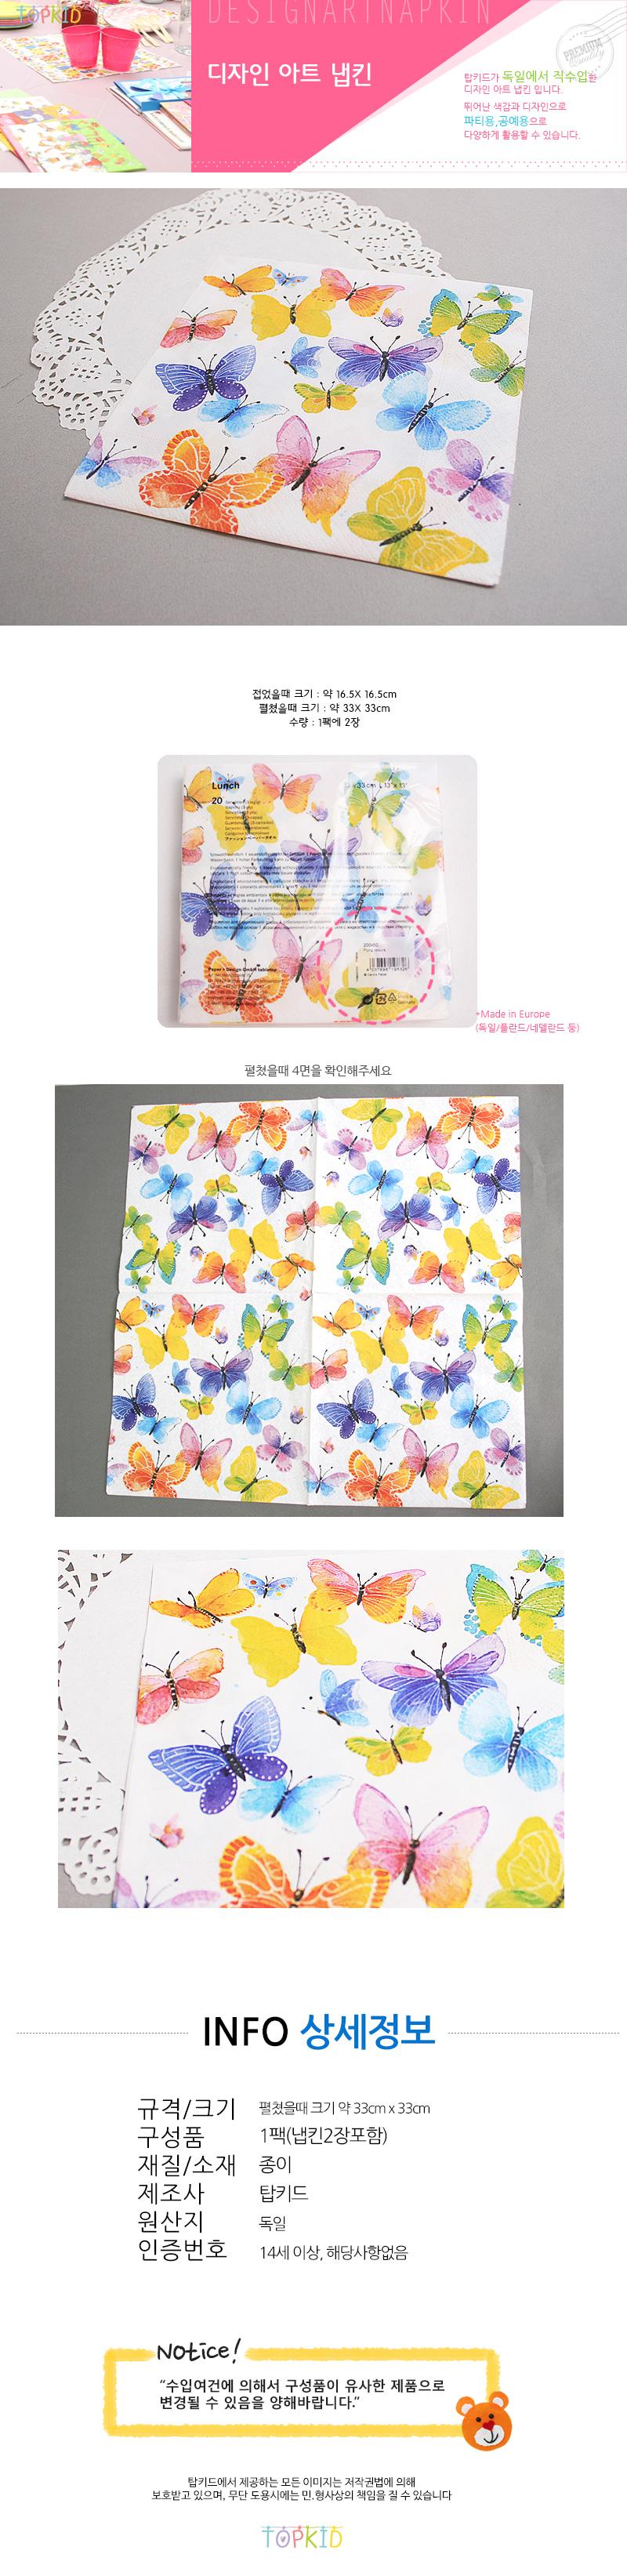 냅킨아트 Napkin 236 (2장) - 하비파티, 1,100원, 종이공예/북아트, 종이공예 부자재